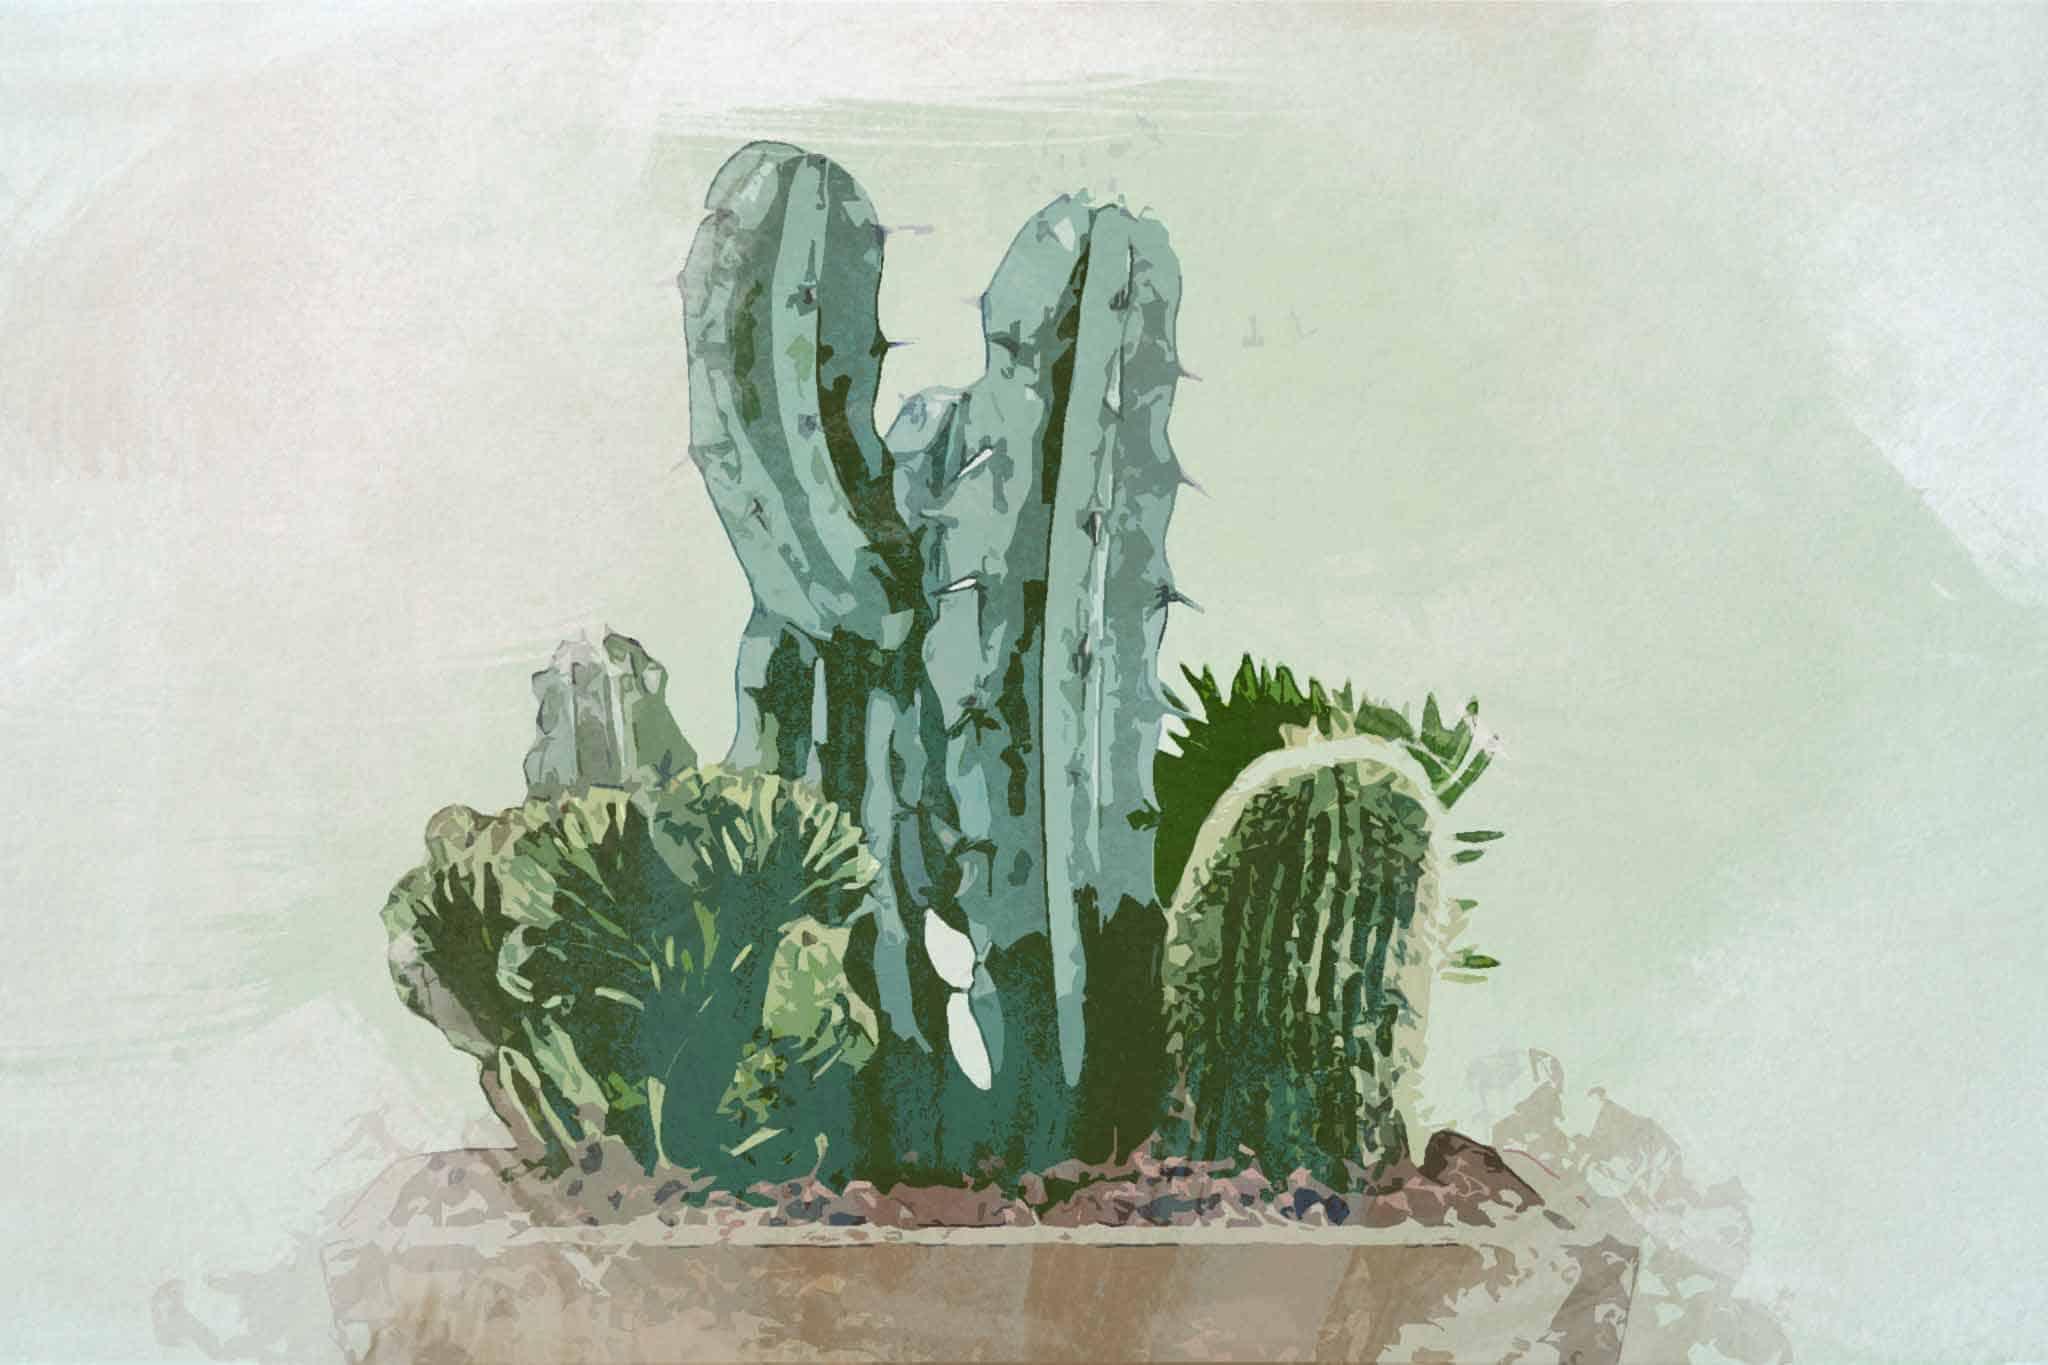 cactus green wood pot